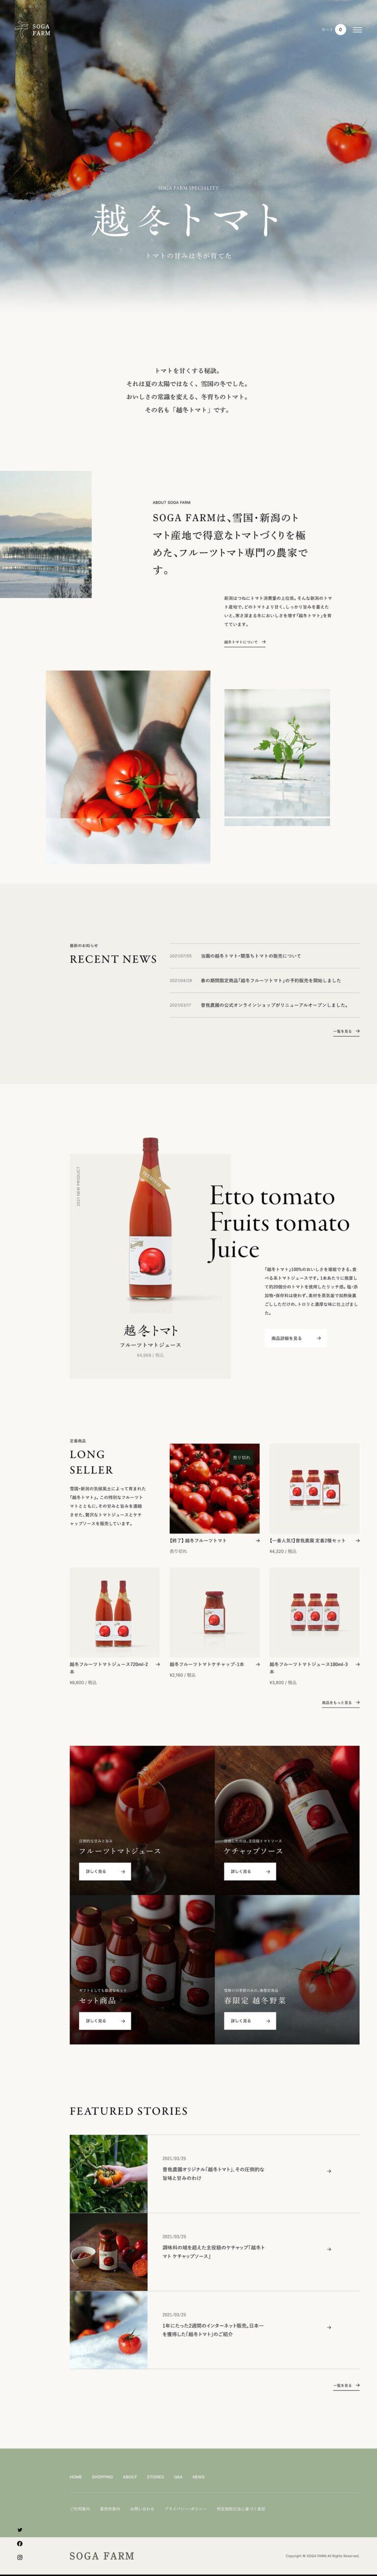 フルーツトマト専門農家 | 曽我農園の通販・オンラインショップ